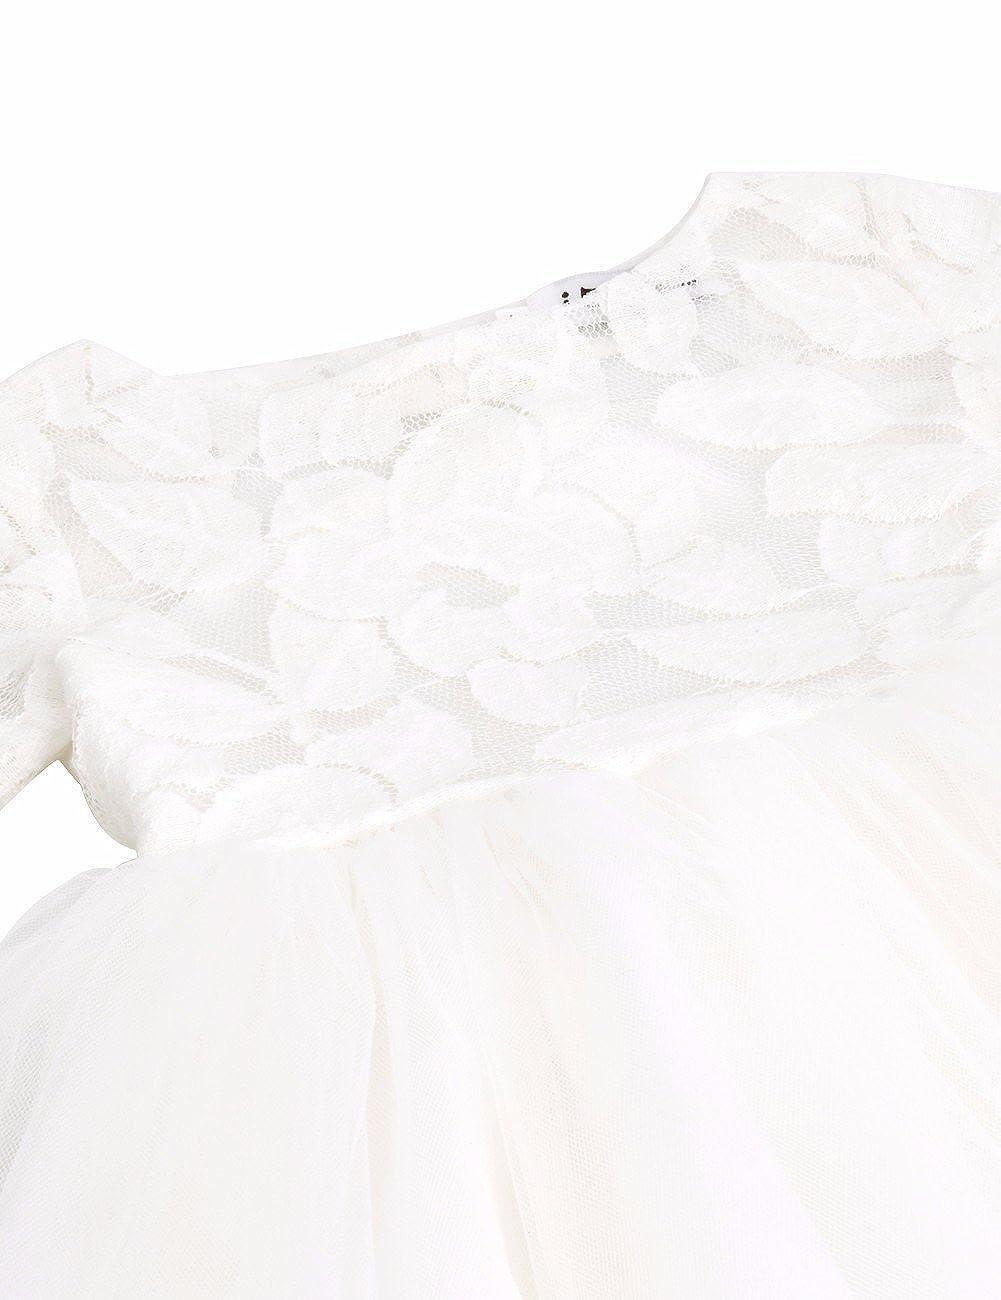 IEFIEL Robe de Mariage Demoiselle Fille Tutu Robe de Soir/ée Blanche Manches Courtes Coeur Dentelle Princess Enfant Robe 2-10 Ans